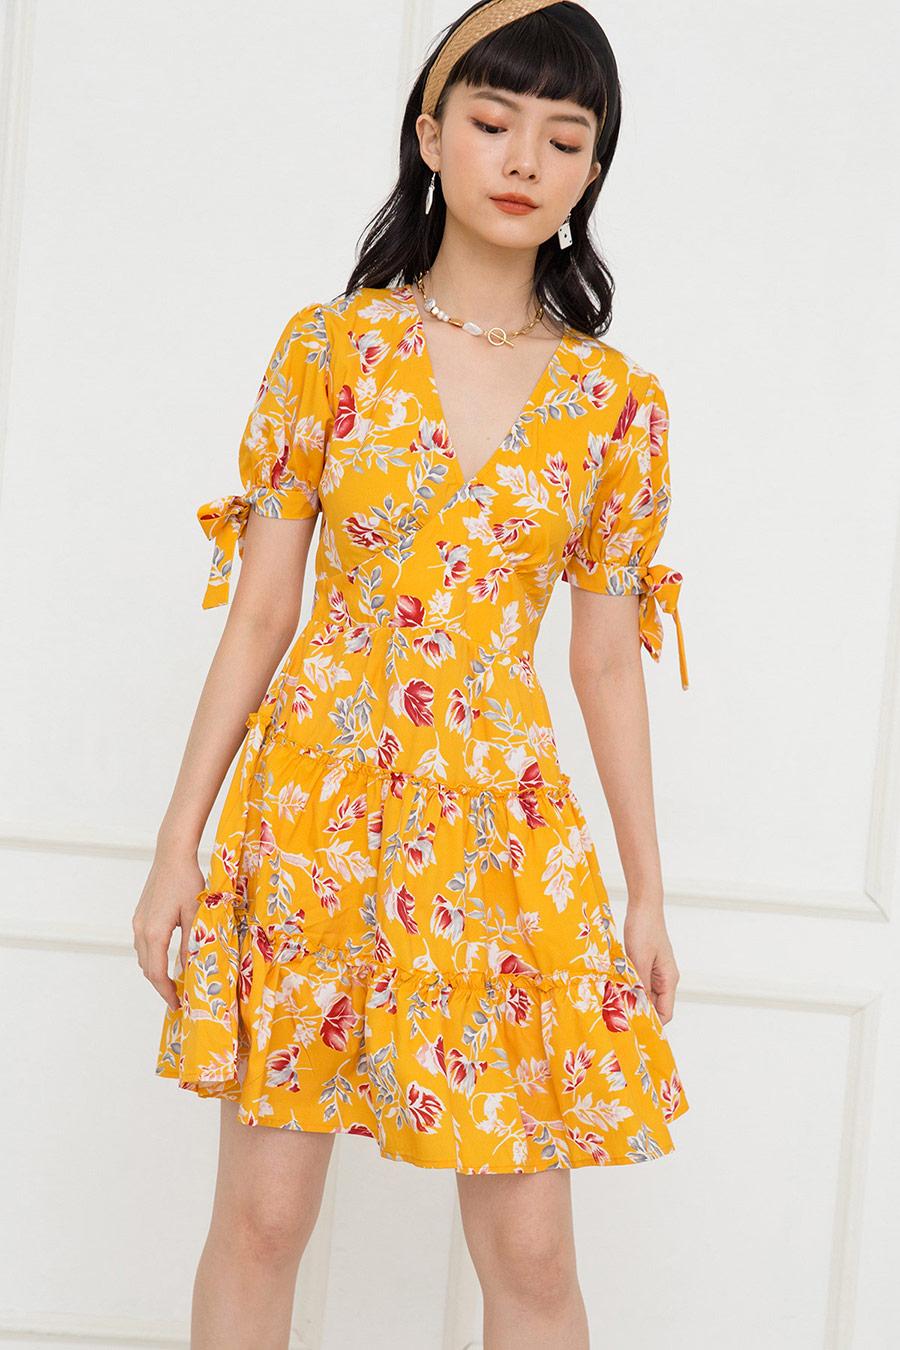 GARCON DRESS - CANARY FLEUR